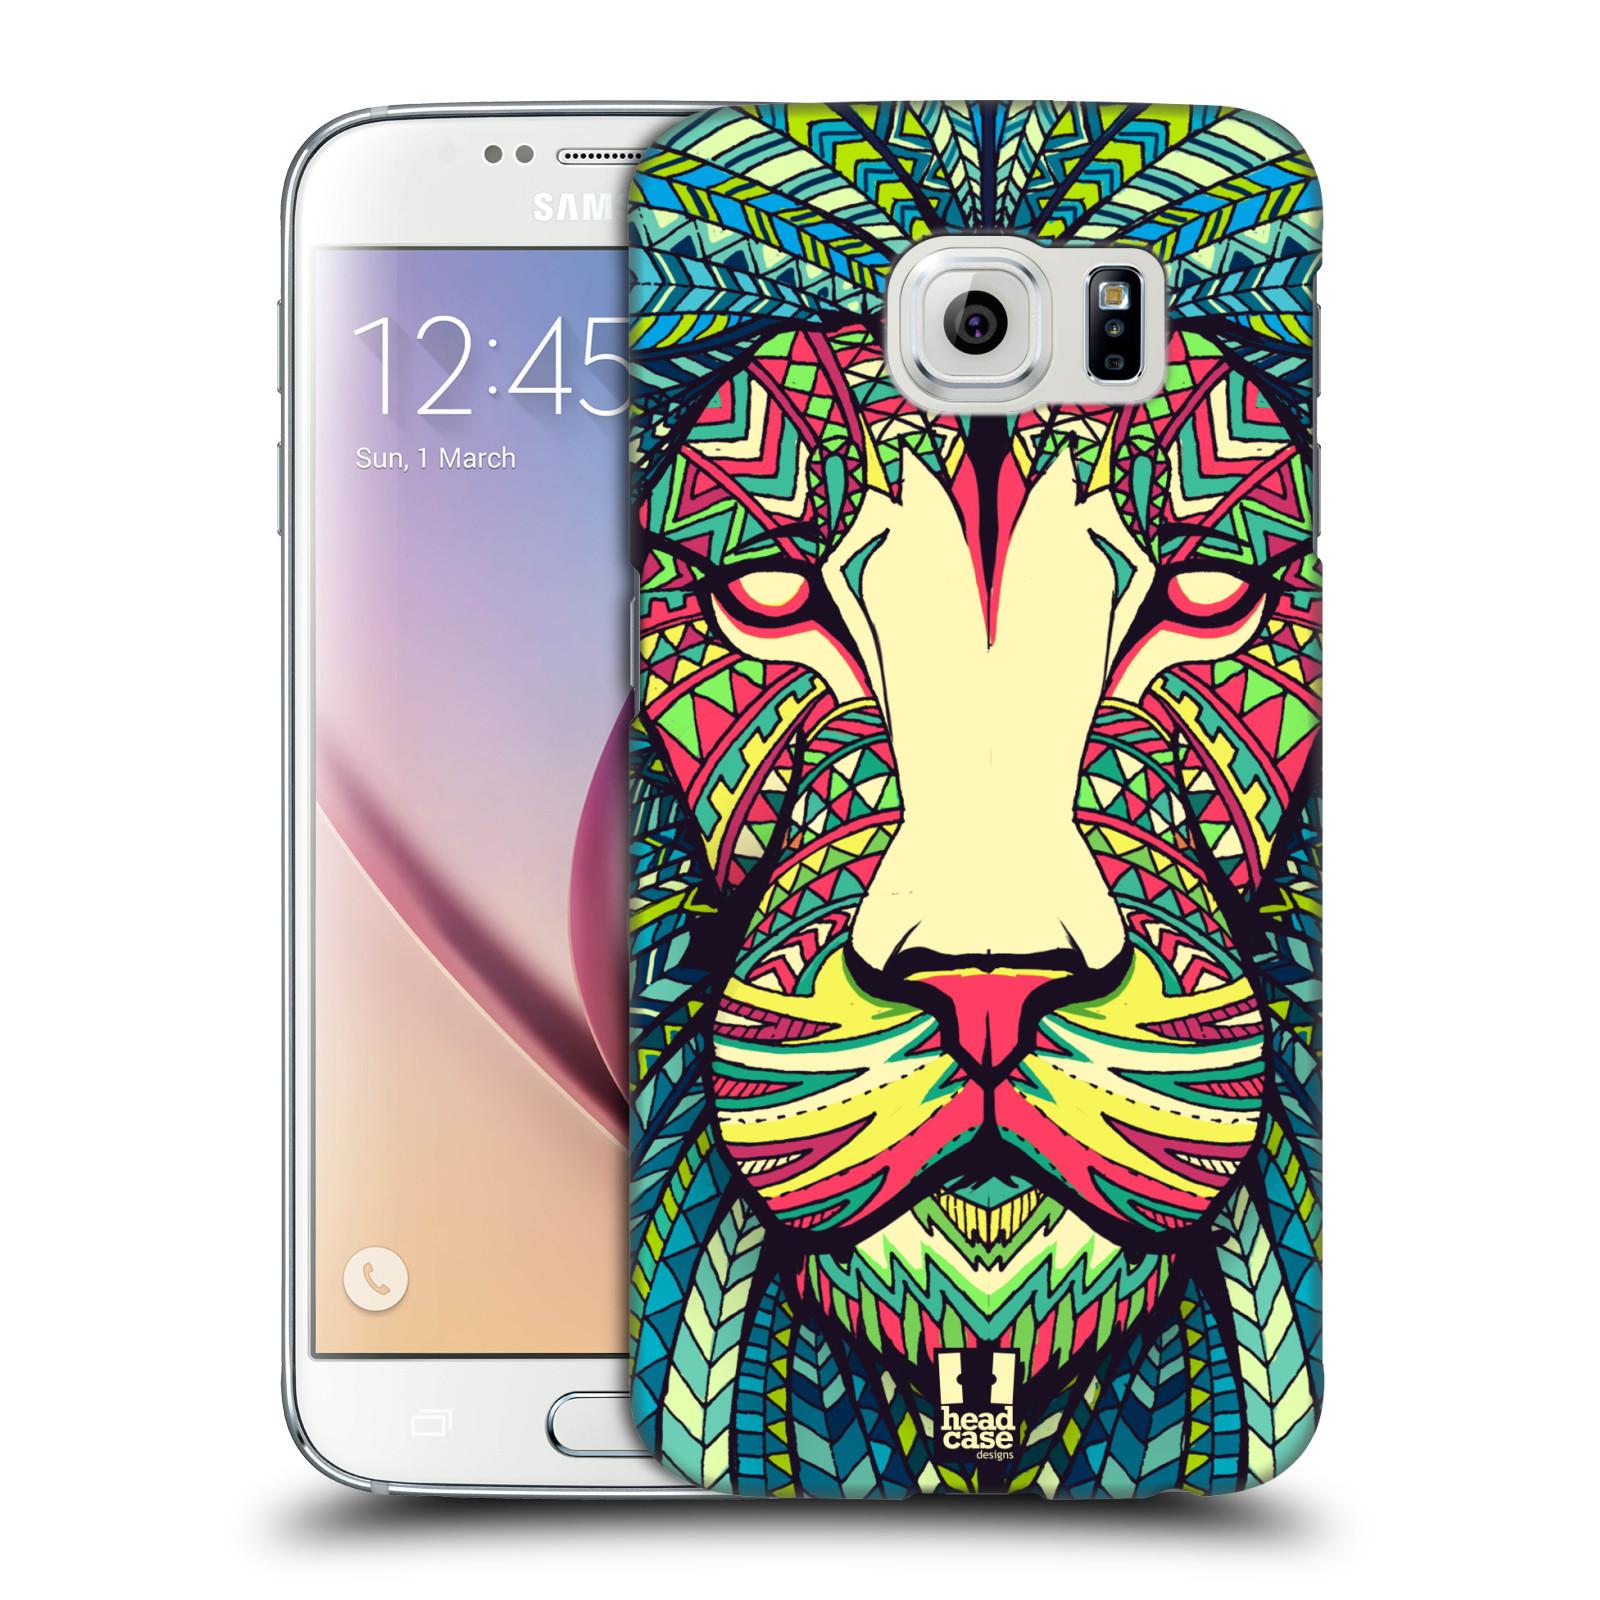 HEAD CASE plastový obal na mobil SAMSUNG Galaxy S6 (G9200, G920F) vzor Aztécký motiv zvíře lev